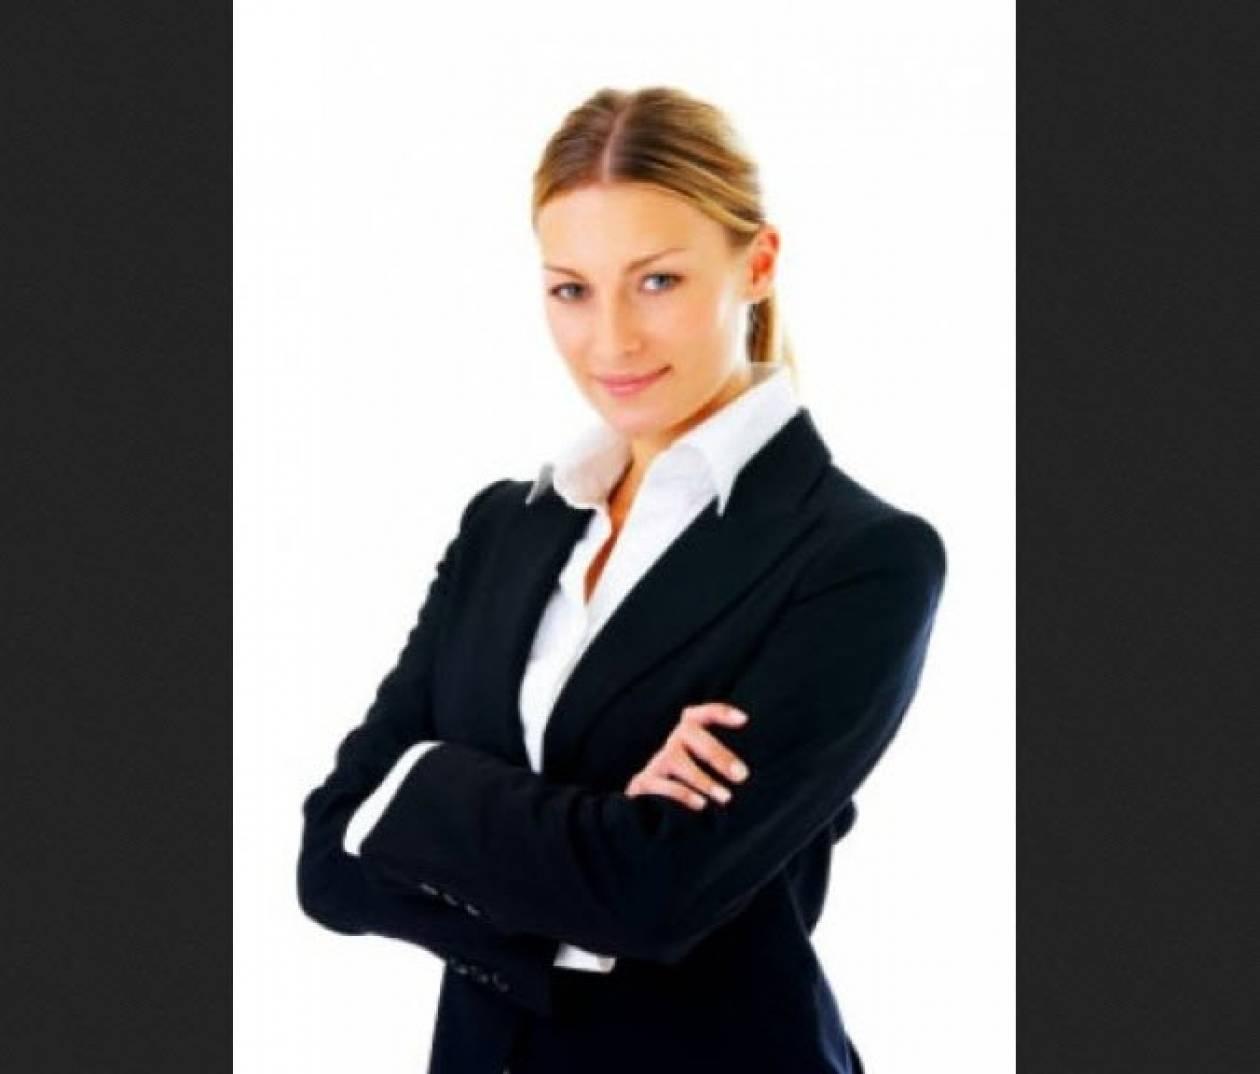 Οι 3 ερωτήσεις που ΔΕΝ πρέπει να κάνετε ποτέ σε συνέντευξη για δουλειά